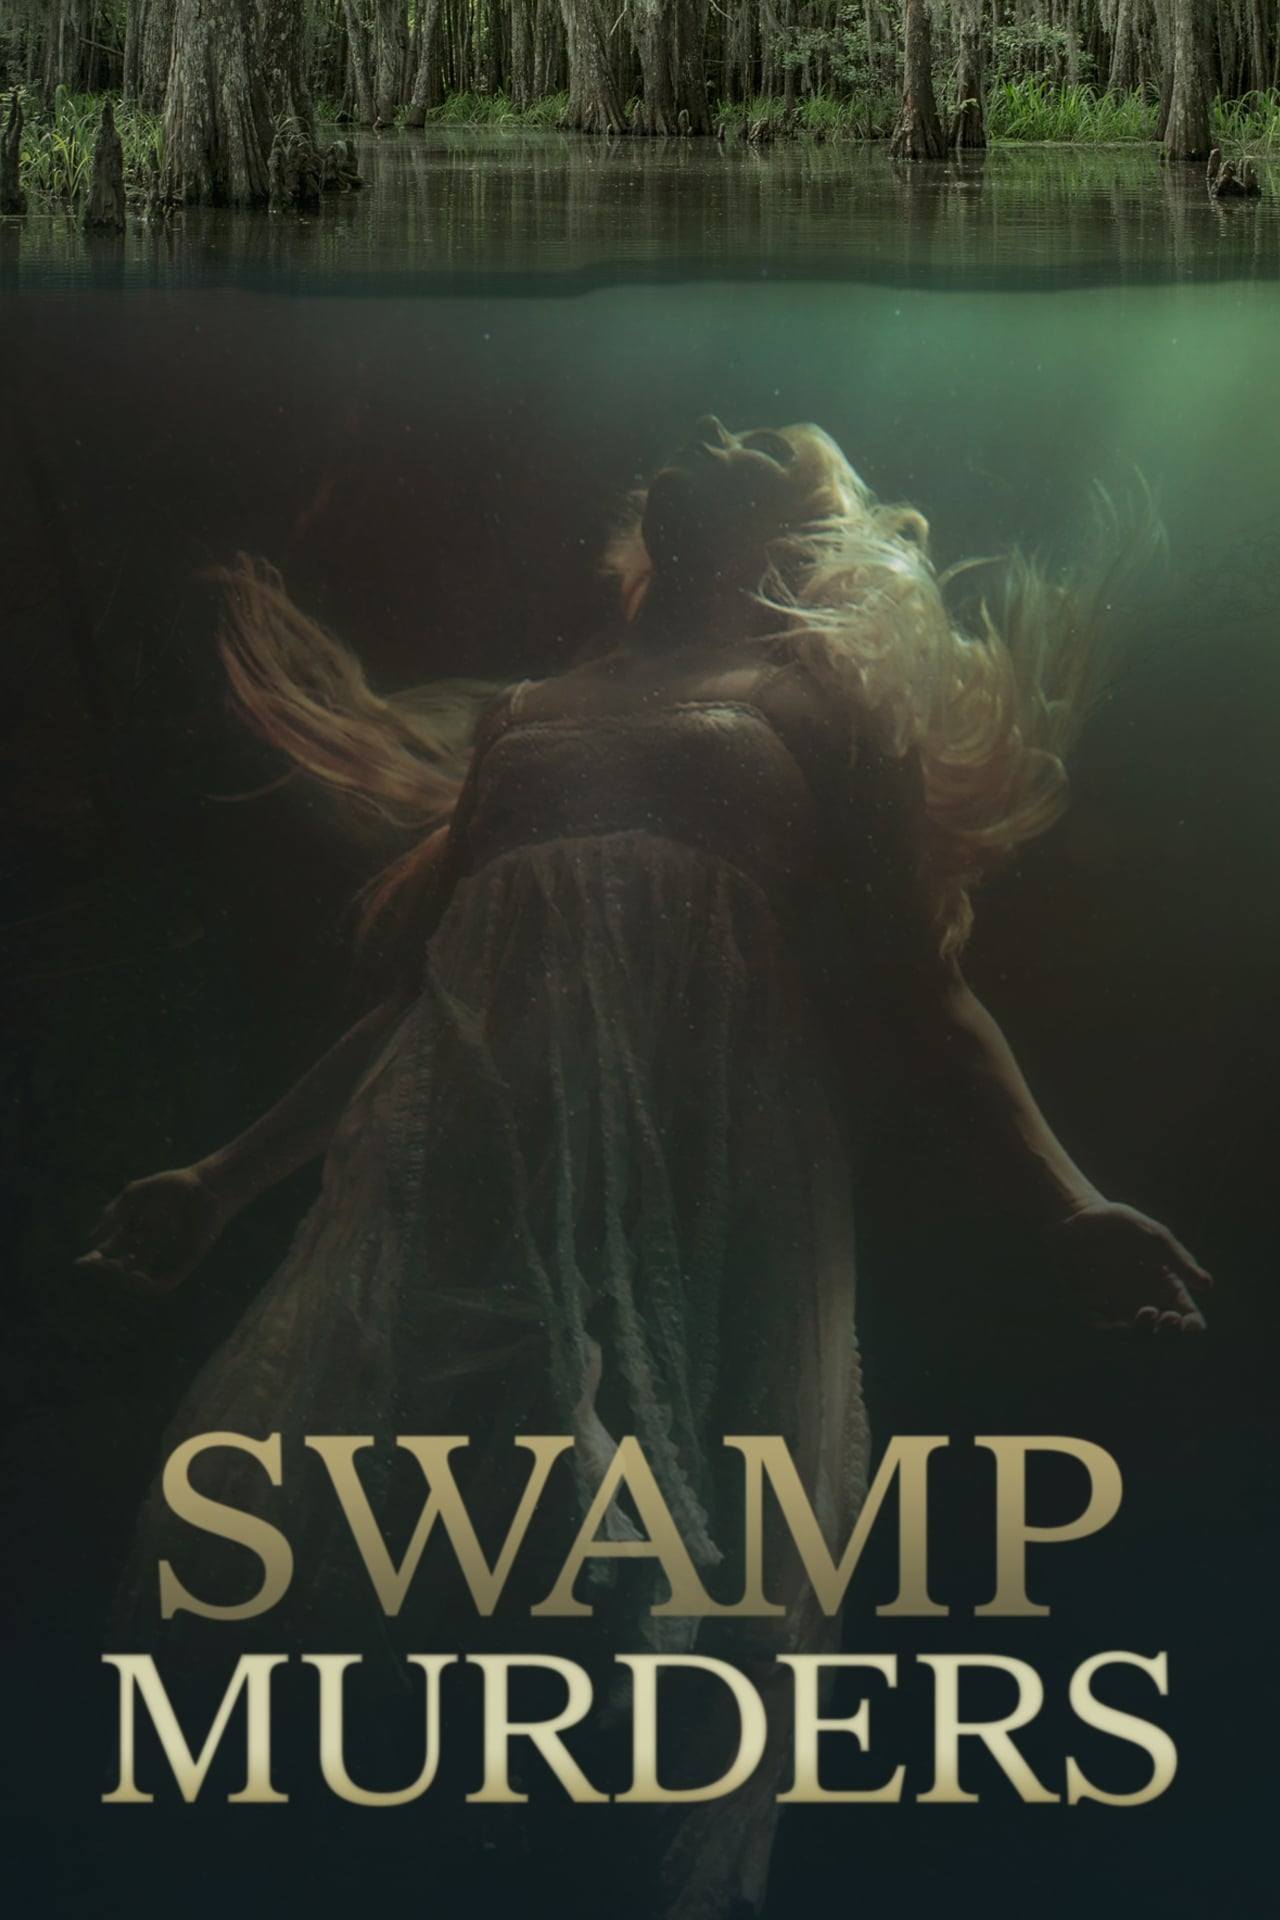 Swamp Murders (2013)